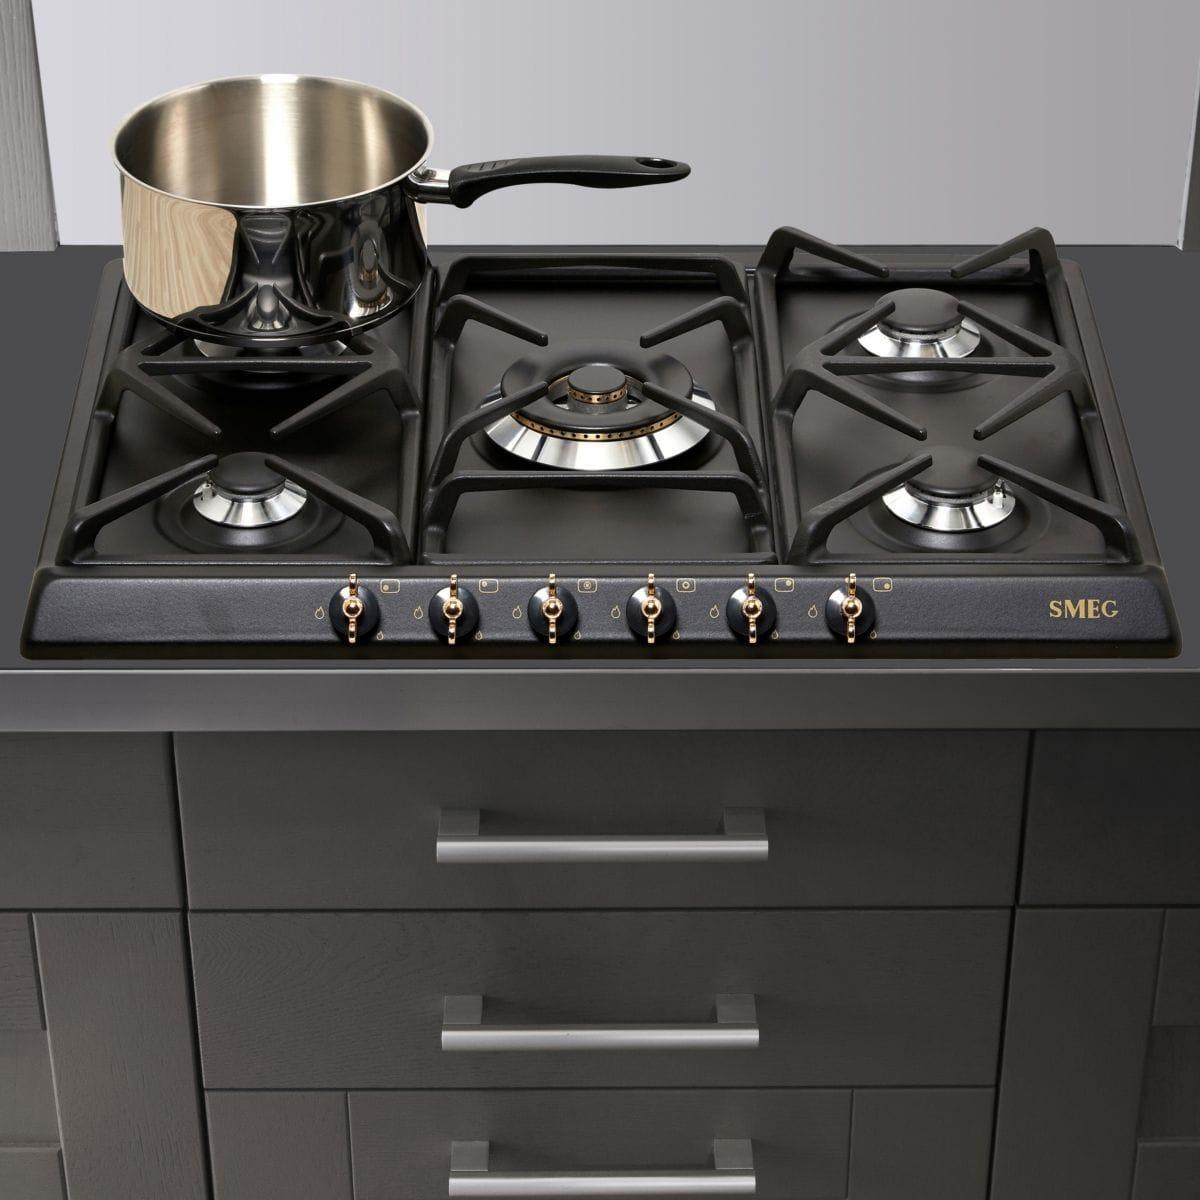 Table de cuisson - Gaz 5 foyers - SMEG SPR876AGH